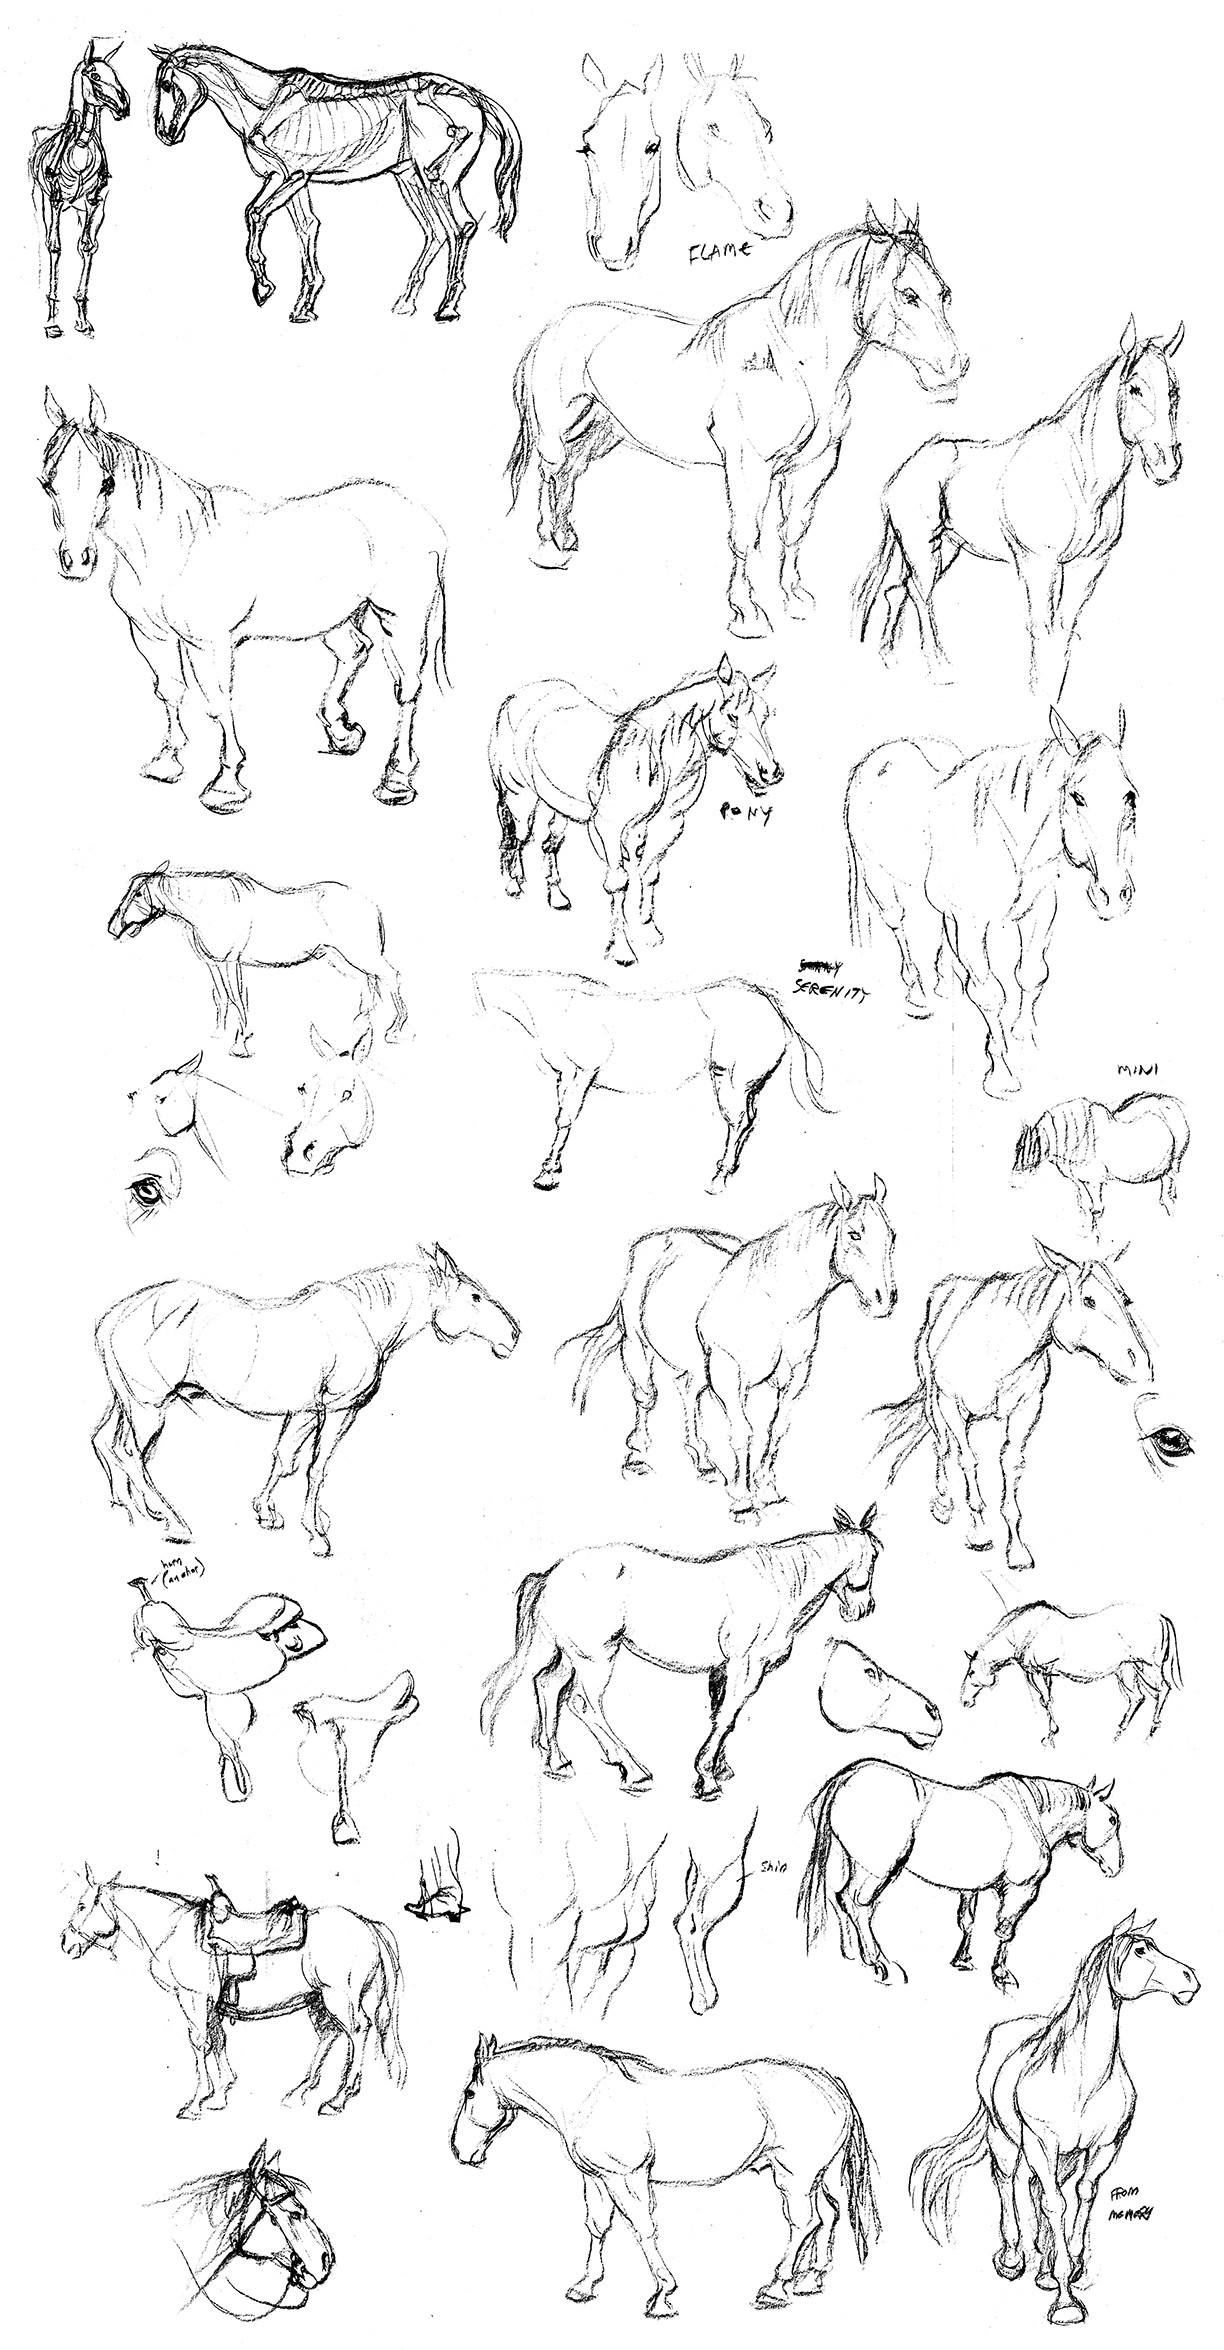 Matt rhodes horselifedrawing2016 small